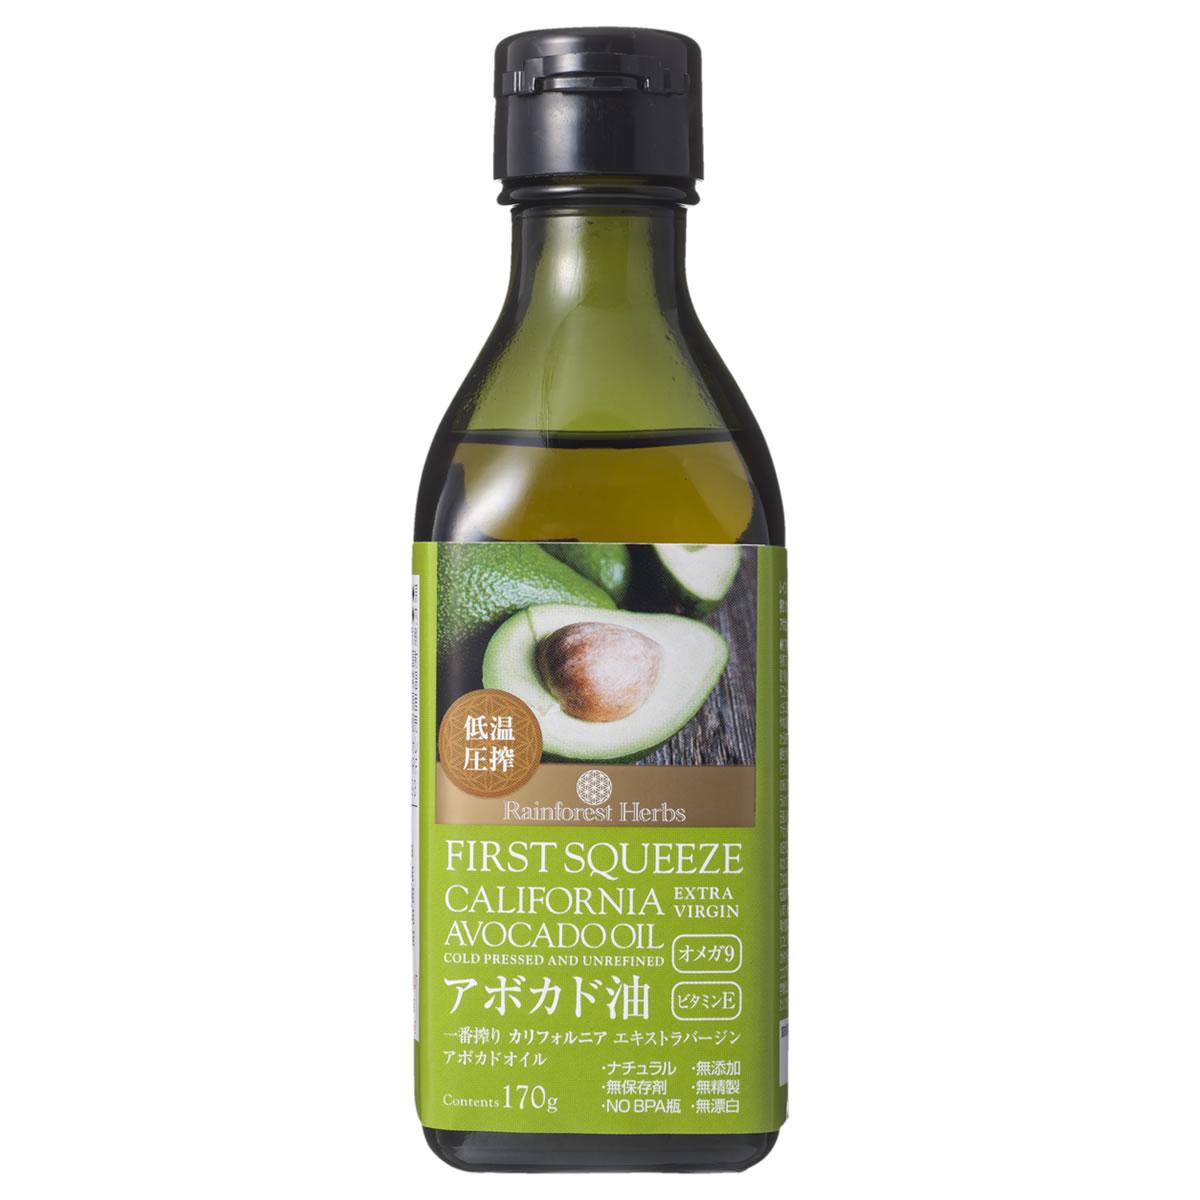 日本で充填 酸化防止と鮮度にこだわりました ビタミンE 必須脂肪酸が豊富 カリフォルニア アボカドオイル 170g 1本 エキストラ California 記念日 気質アップ 未精製 低温圧搾一番搾り Extra Avocado バージン Virgin Oil